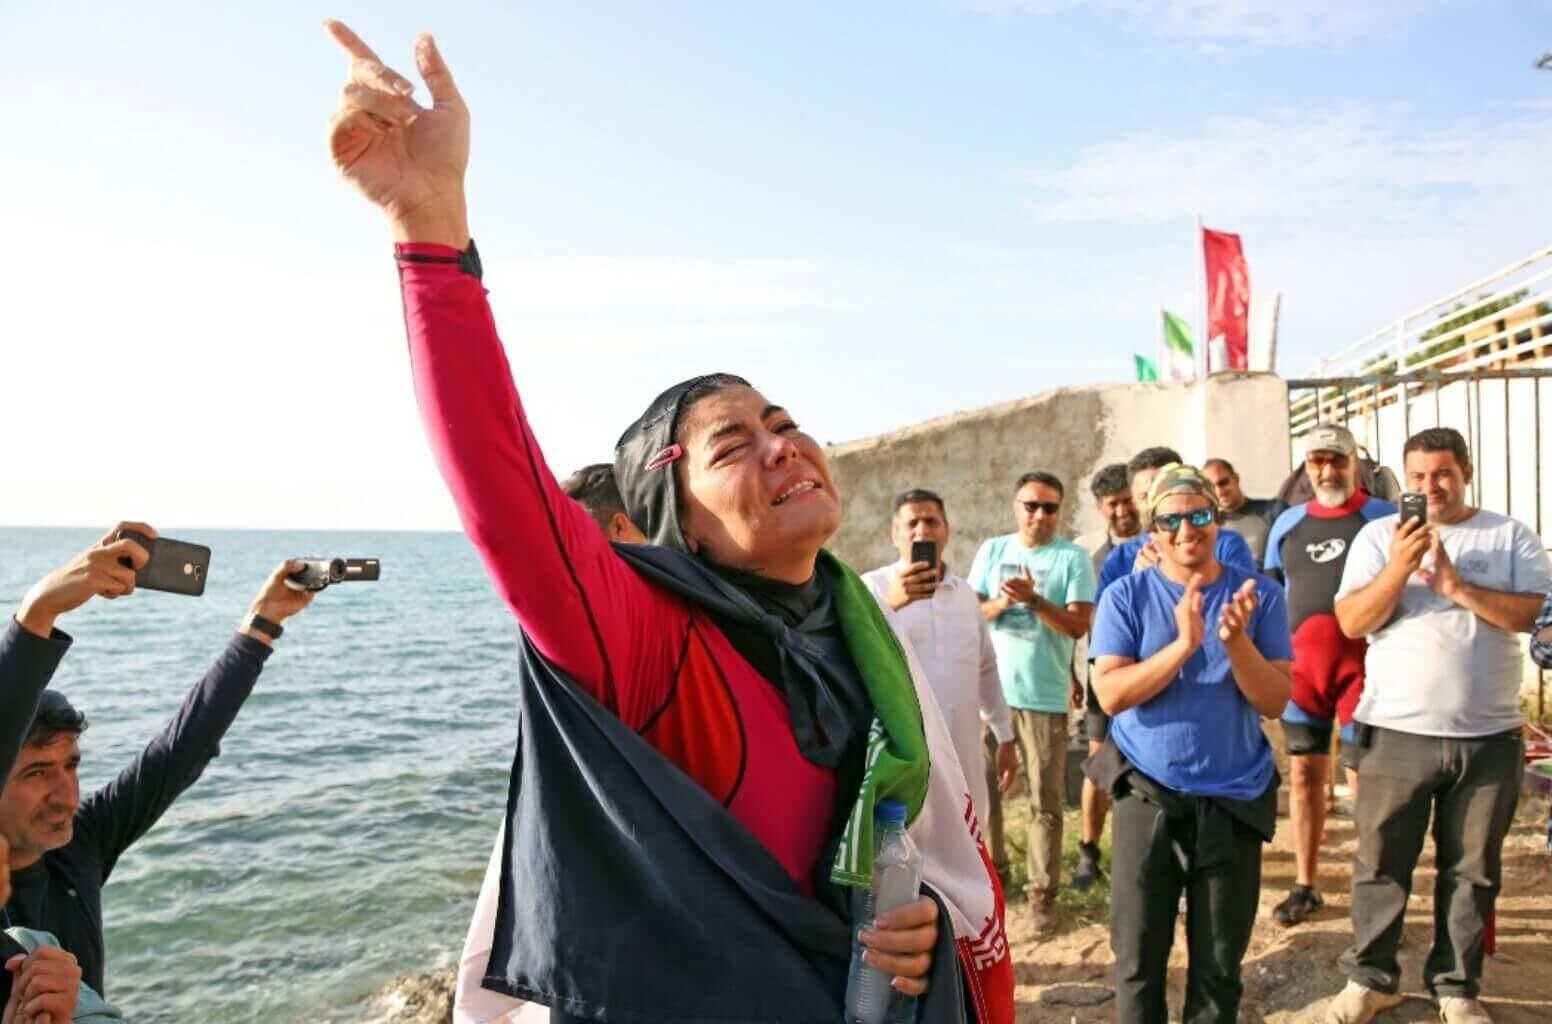 ثبت رکورد جهانی شنا با یک دست بسته به نام الهام السادات اصغری